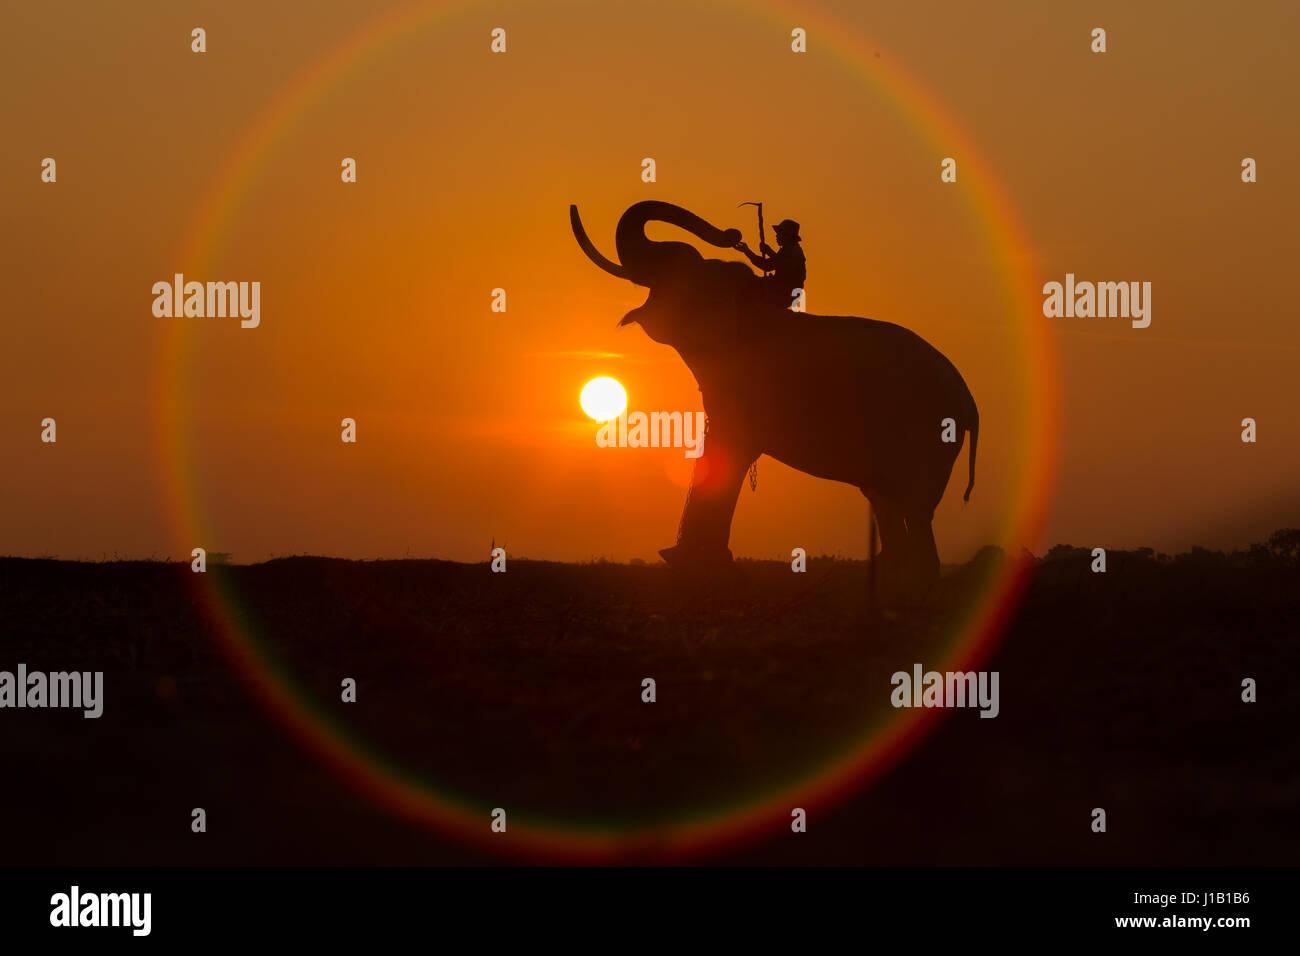 Silhouette di Elephant nel cerchio della sun. Si tratta di un modo di vita in Thailandia. Immagini Stock